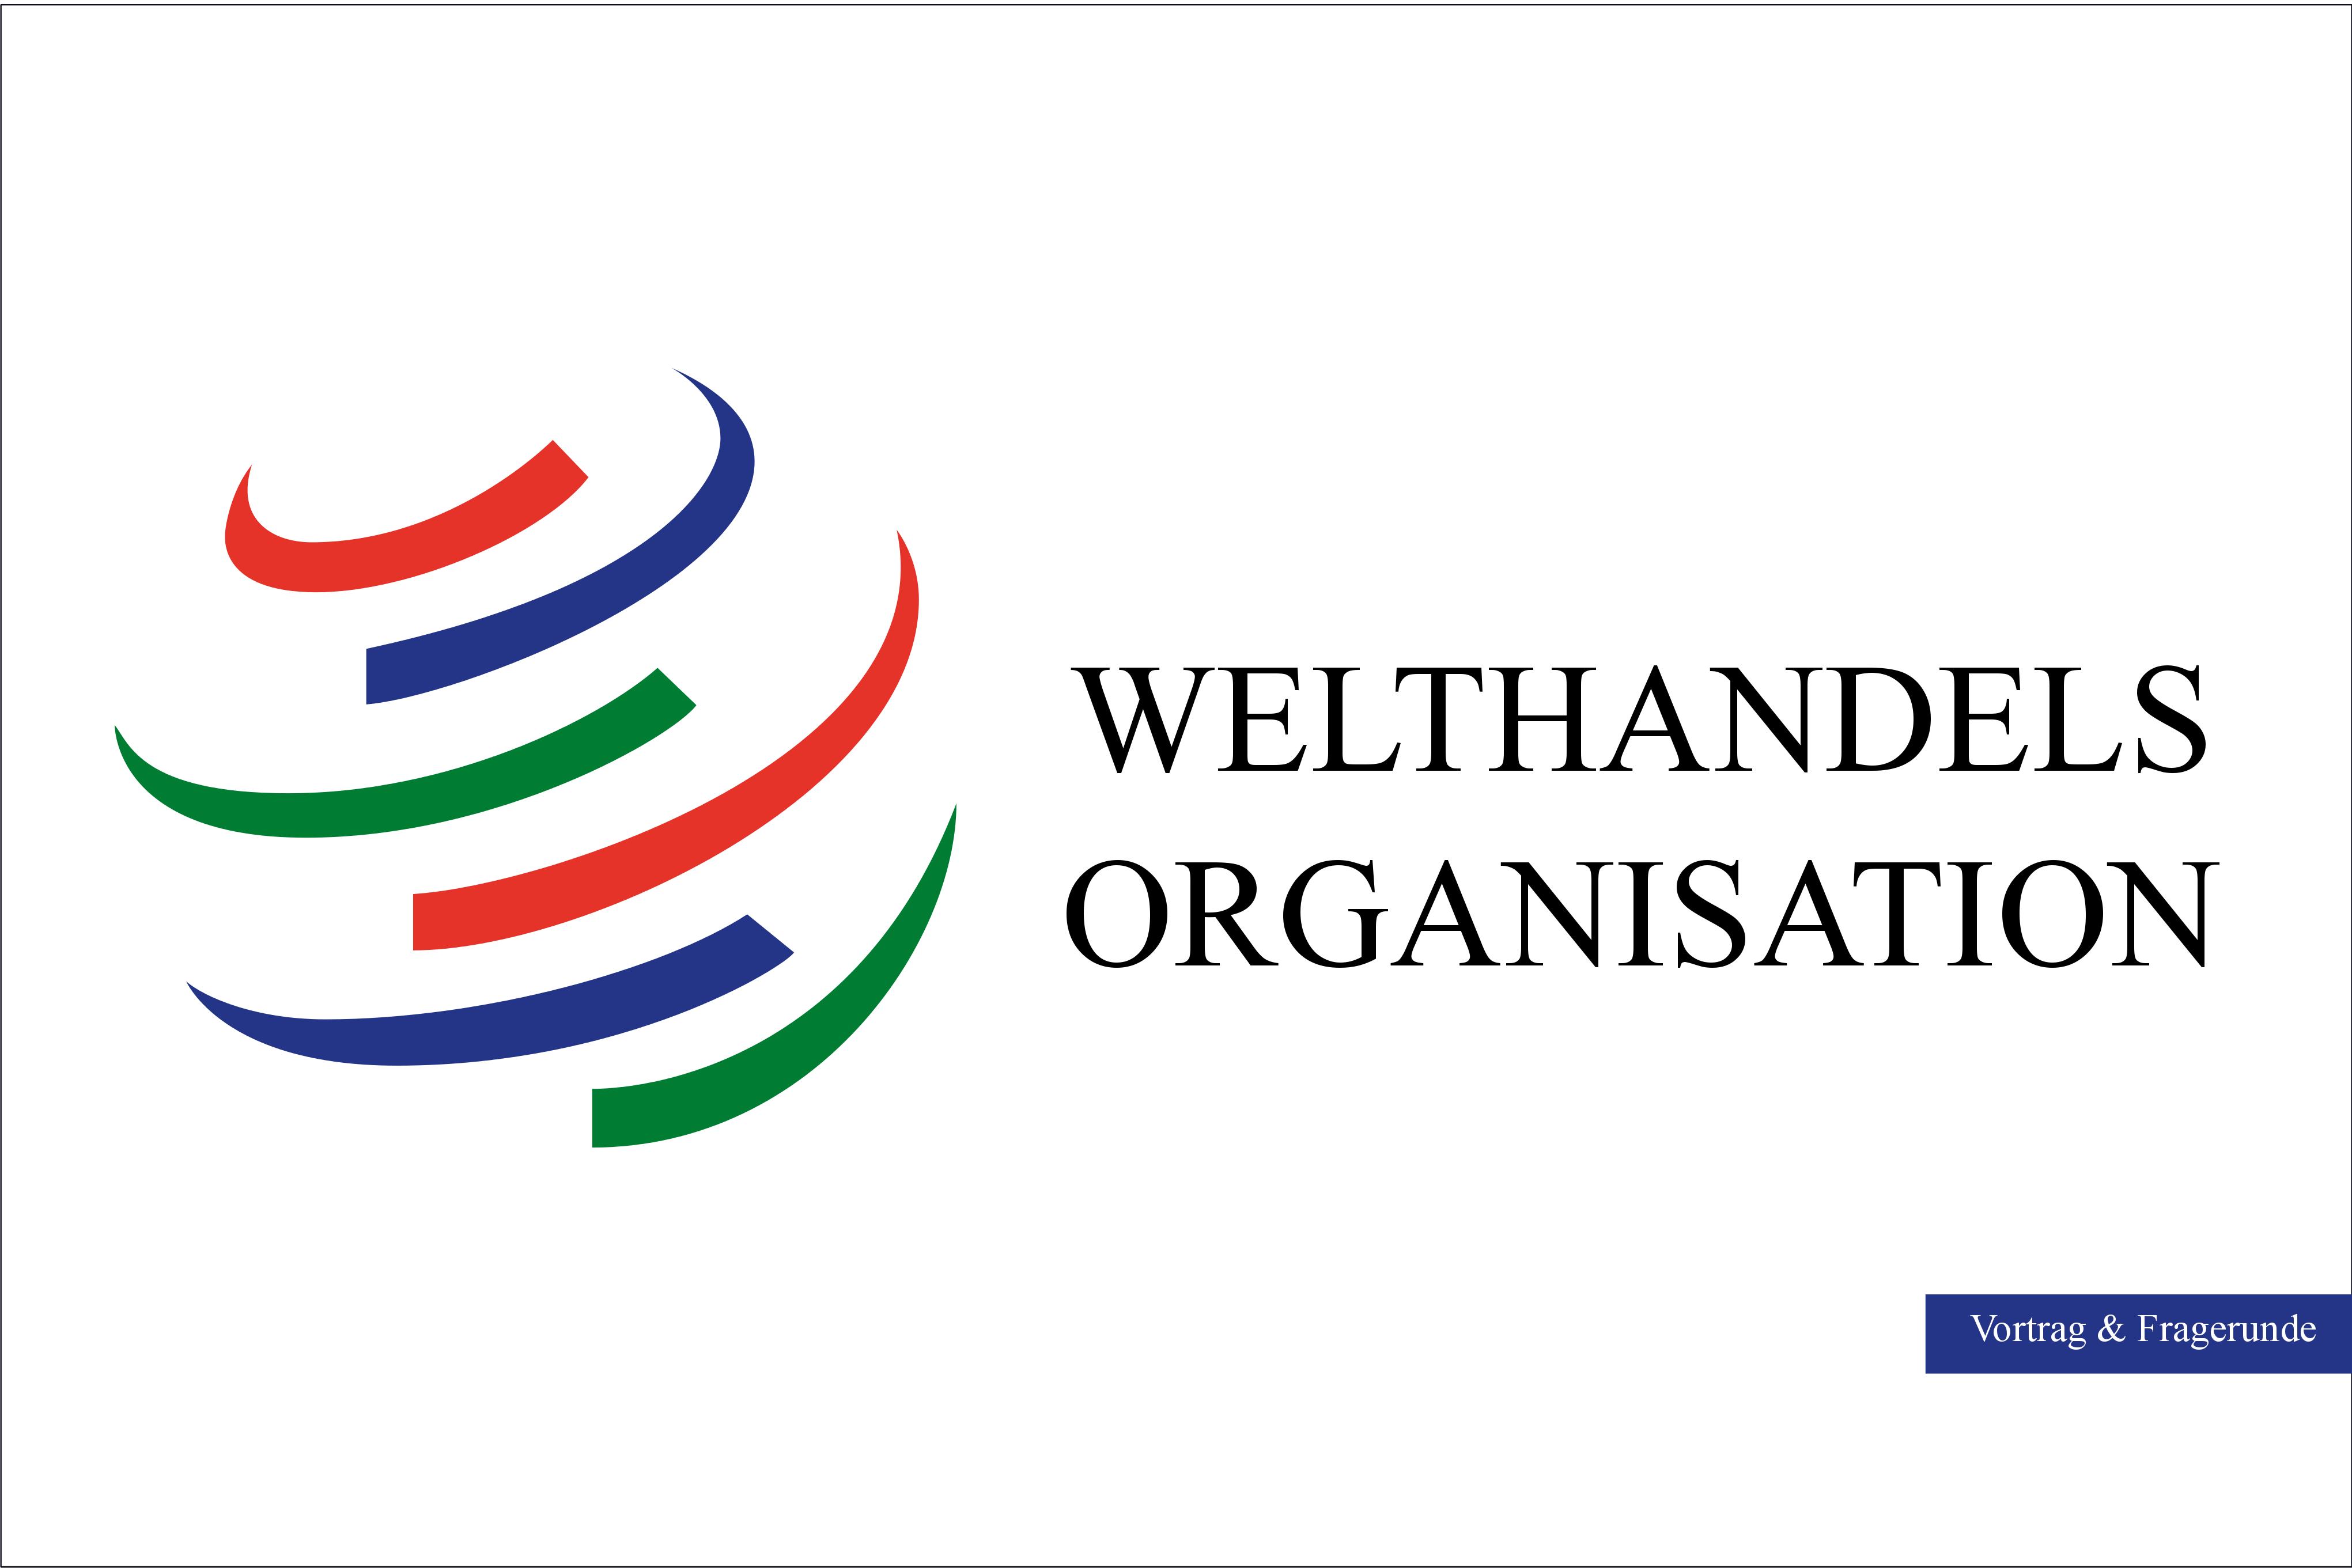 Welthandelsorganisation, Handelskriege und die EU